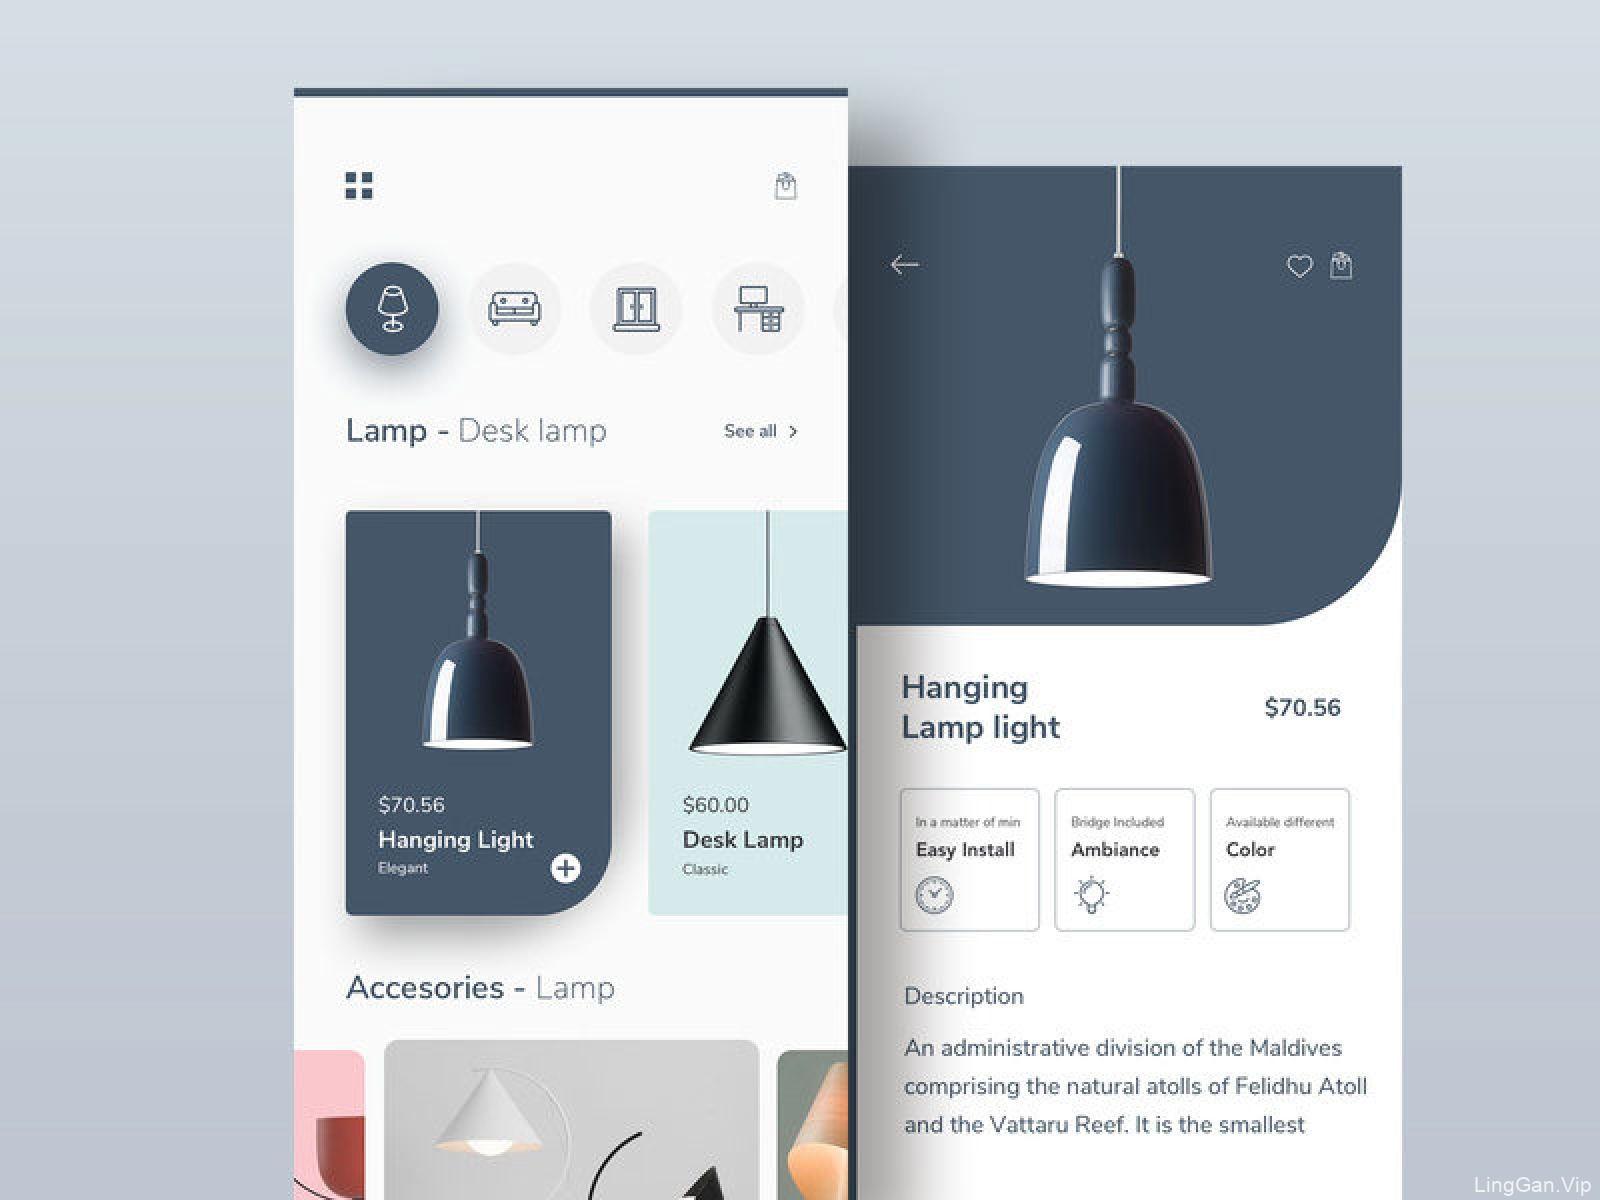 今天你网购了吗?12组购物界面设计灵感